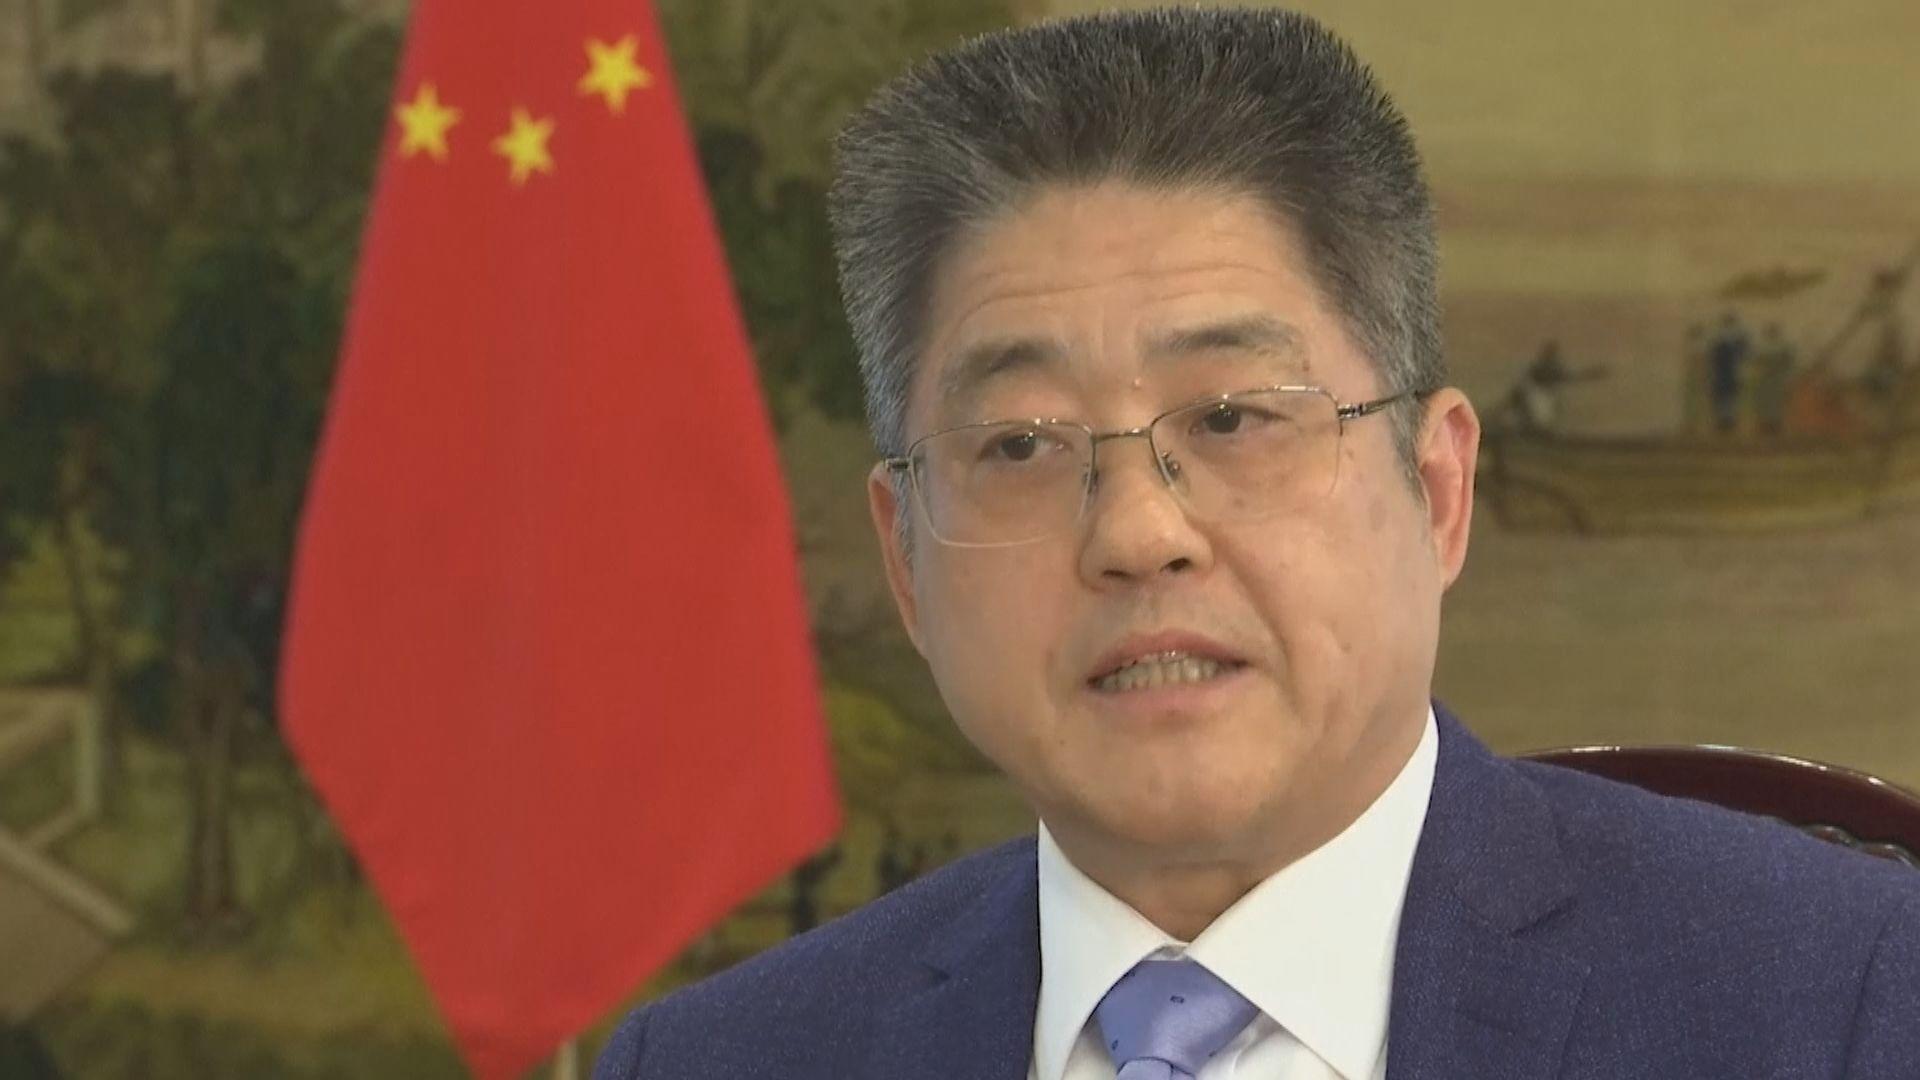 外交部副部長:積極研究習近平出席氣候峰會事宜